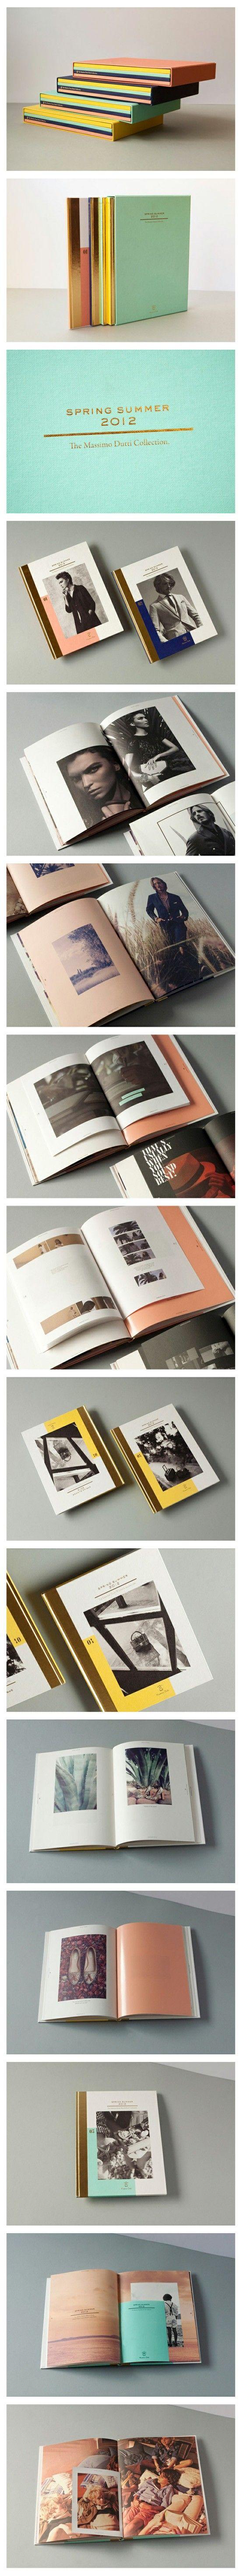 http://www.behance.net/gallery/Massimo-Dutti-SS-012-Catalogue/6919775